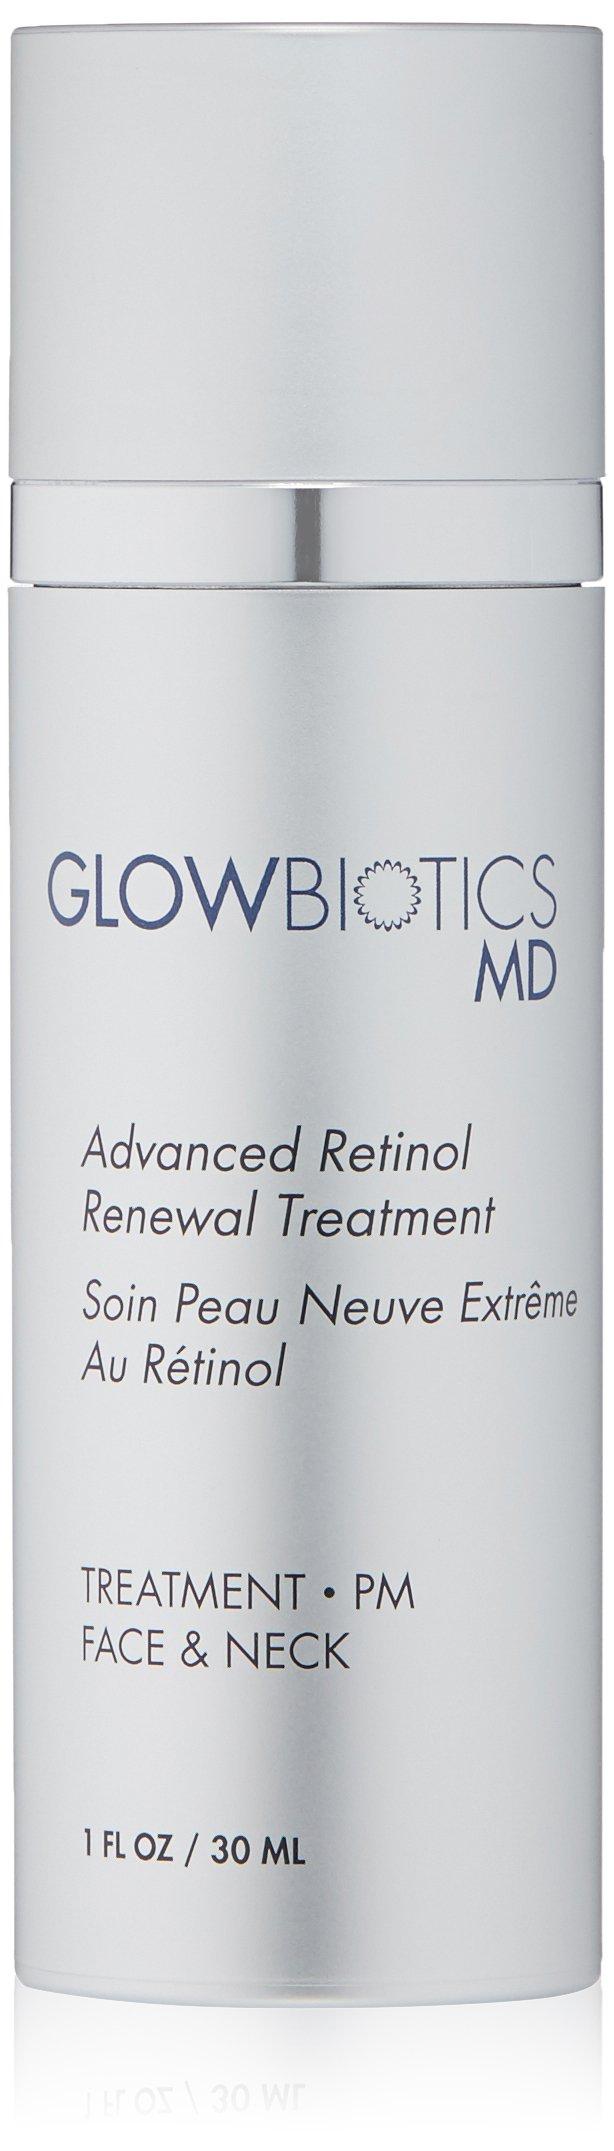 Glowbiotics MD Probiotic Advanced Retinol Renewal Skin Firming and Brightening Treatment, 1oz